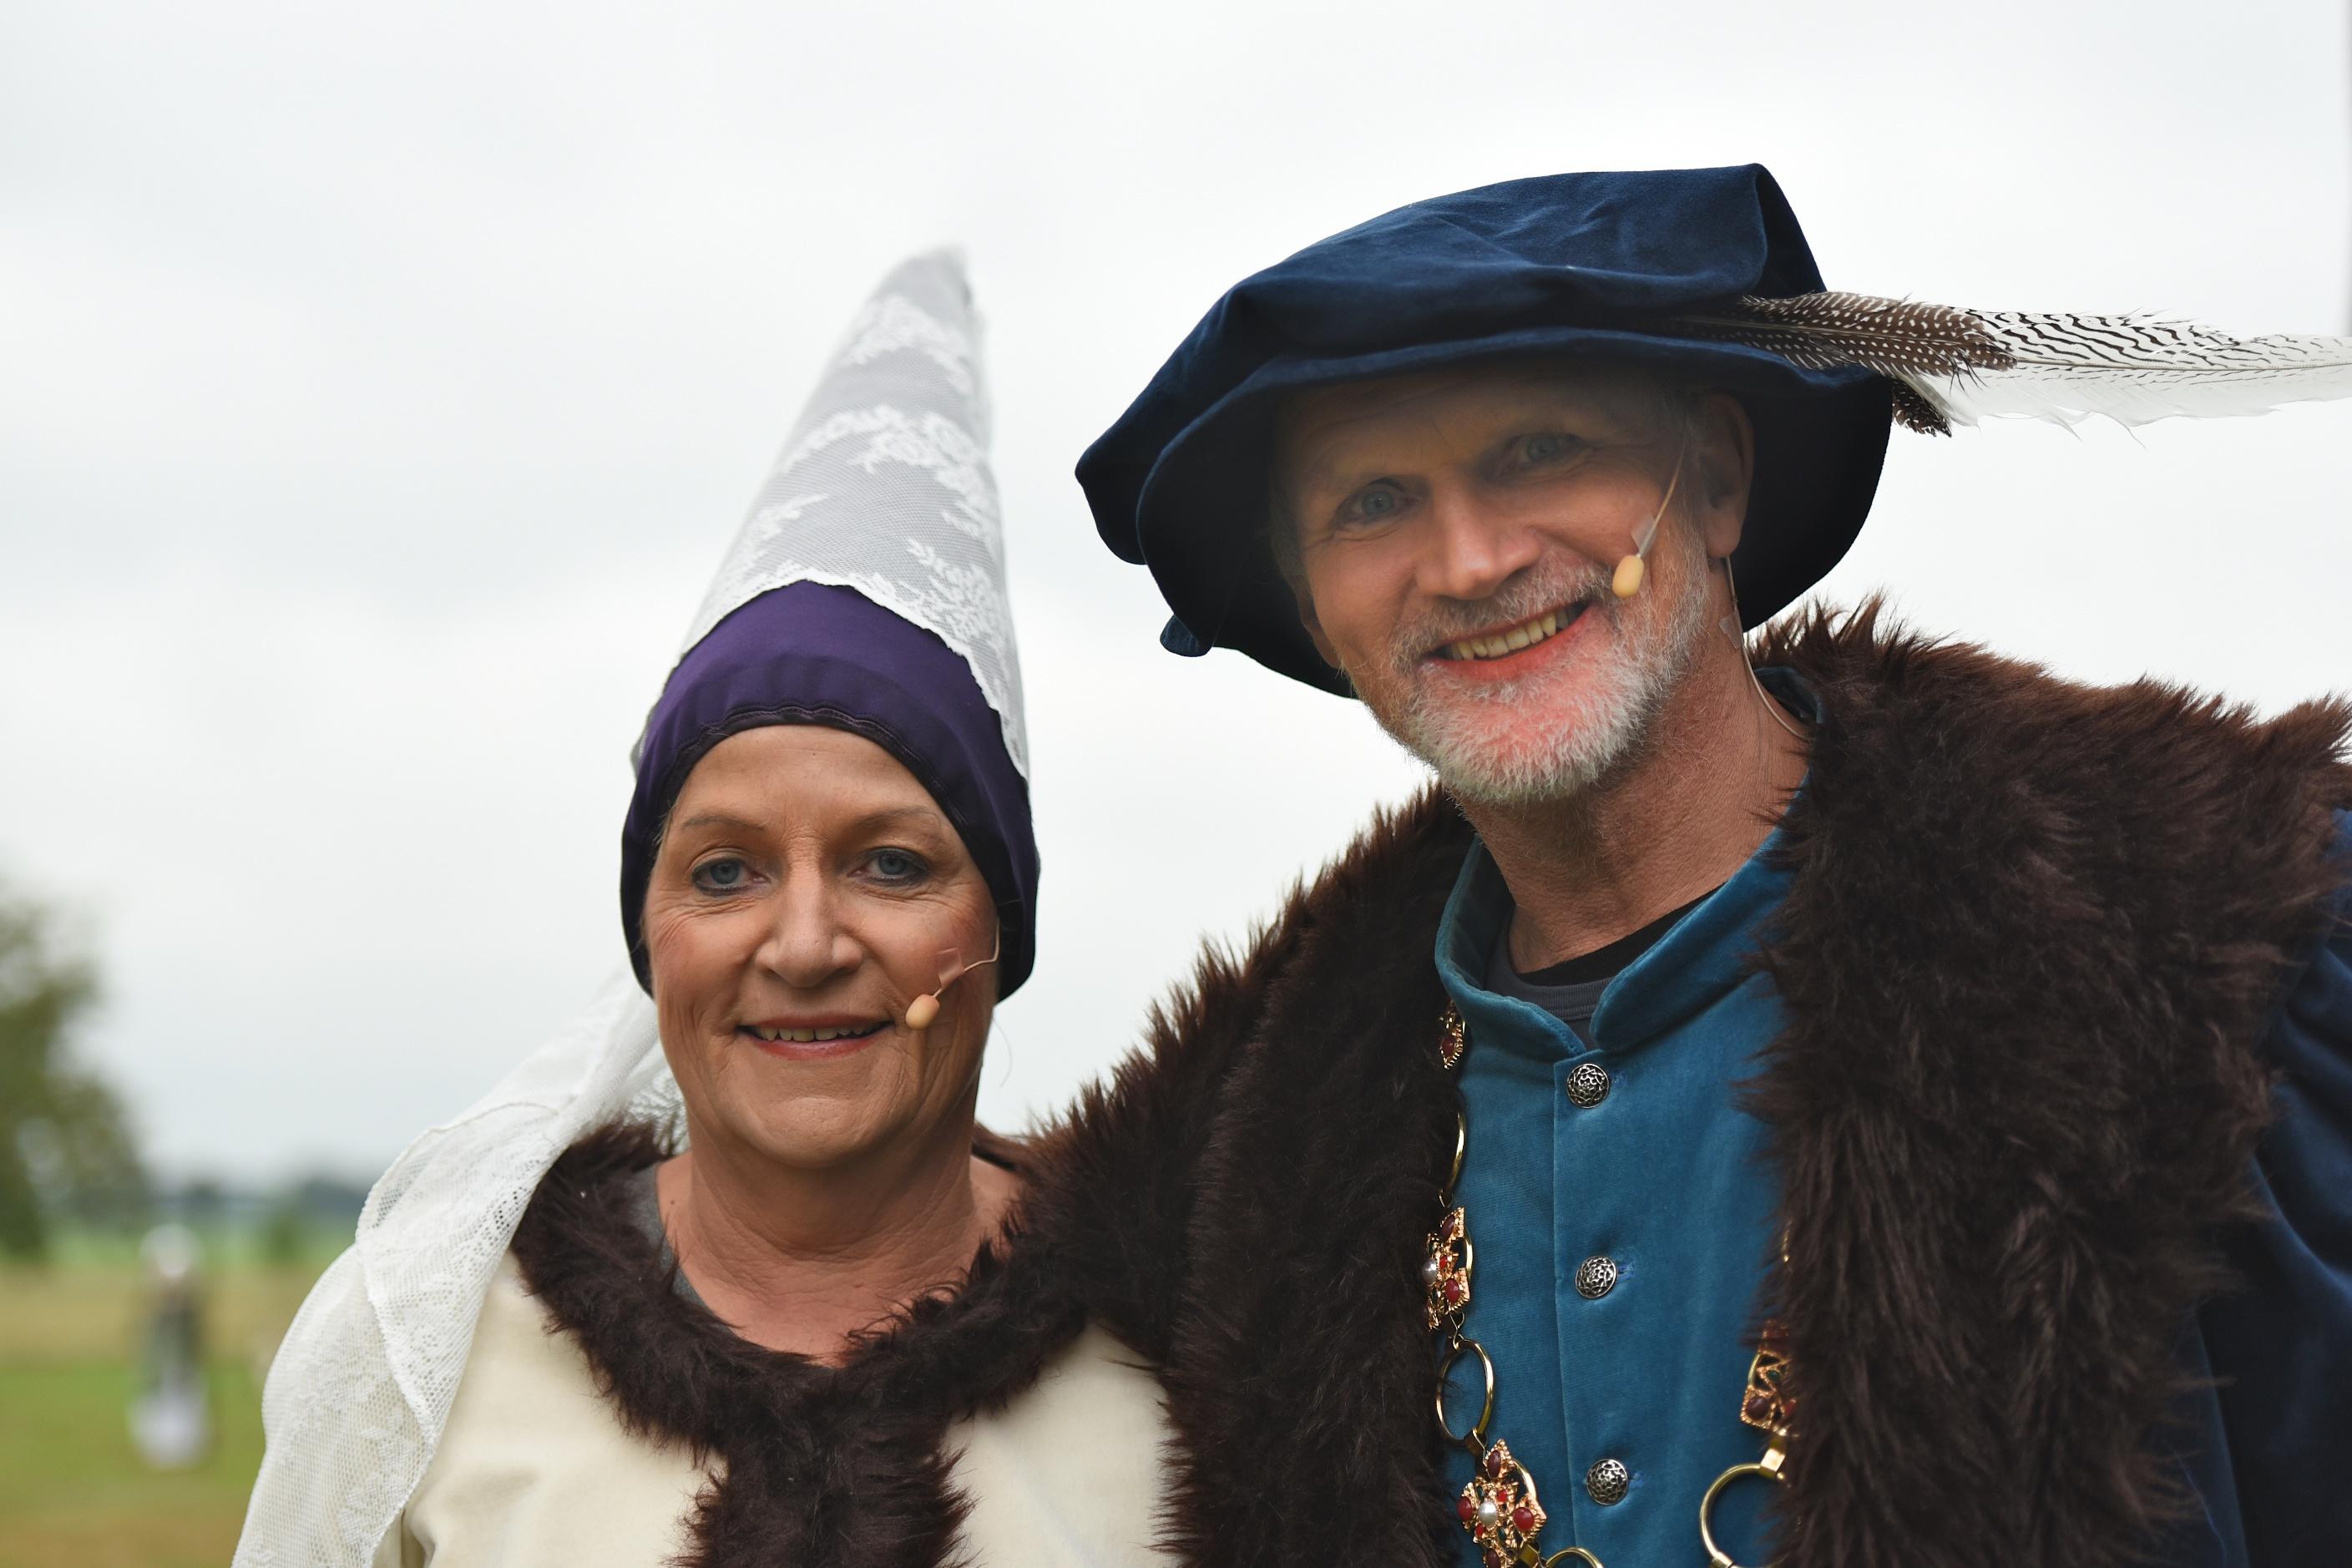 Heer Harmannus en Vrouwe Anna